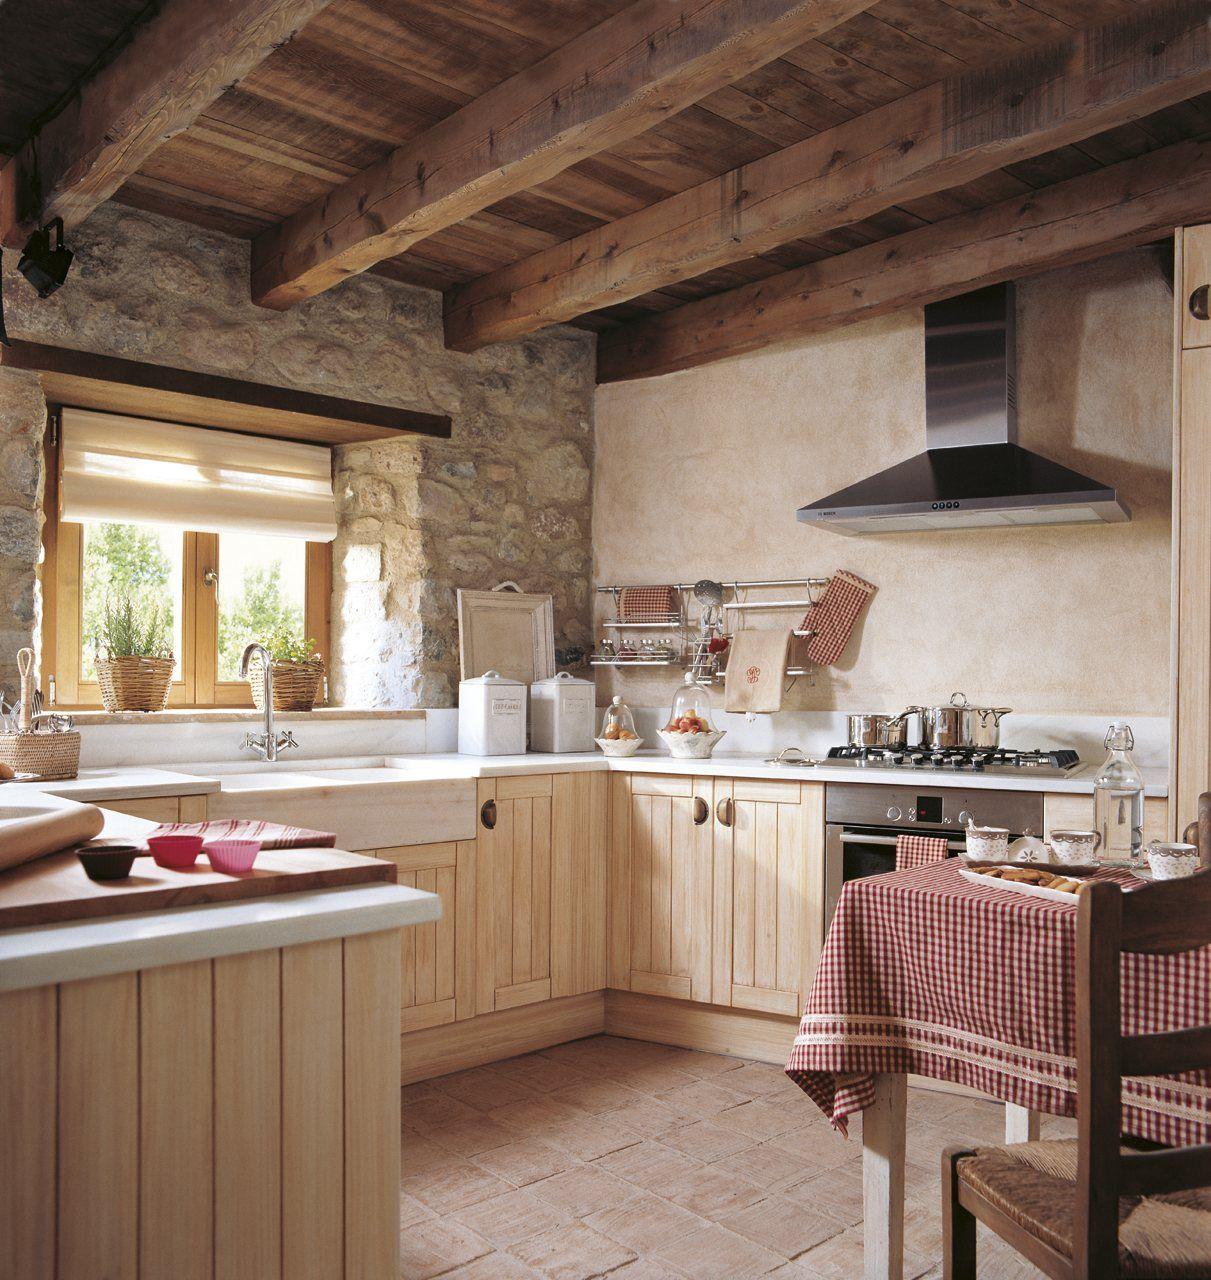 cocina rústica, muebles madera beige, pared piedra, techo madera ...